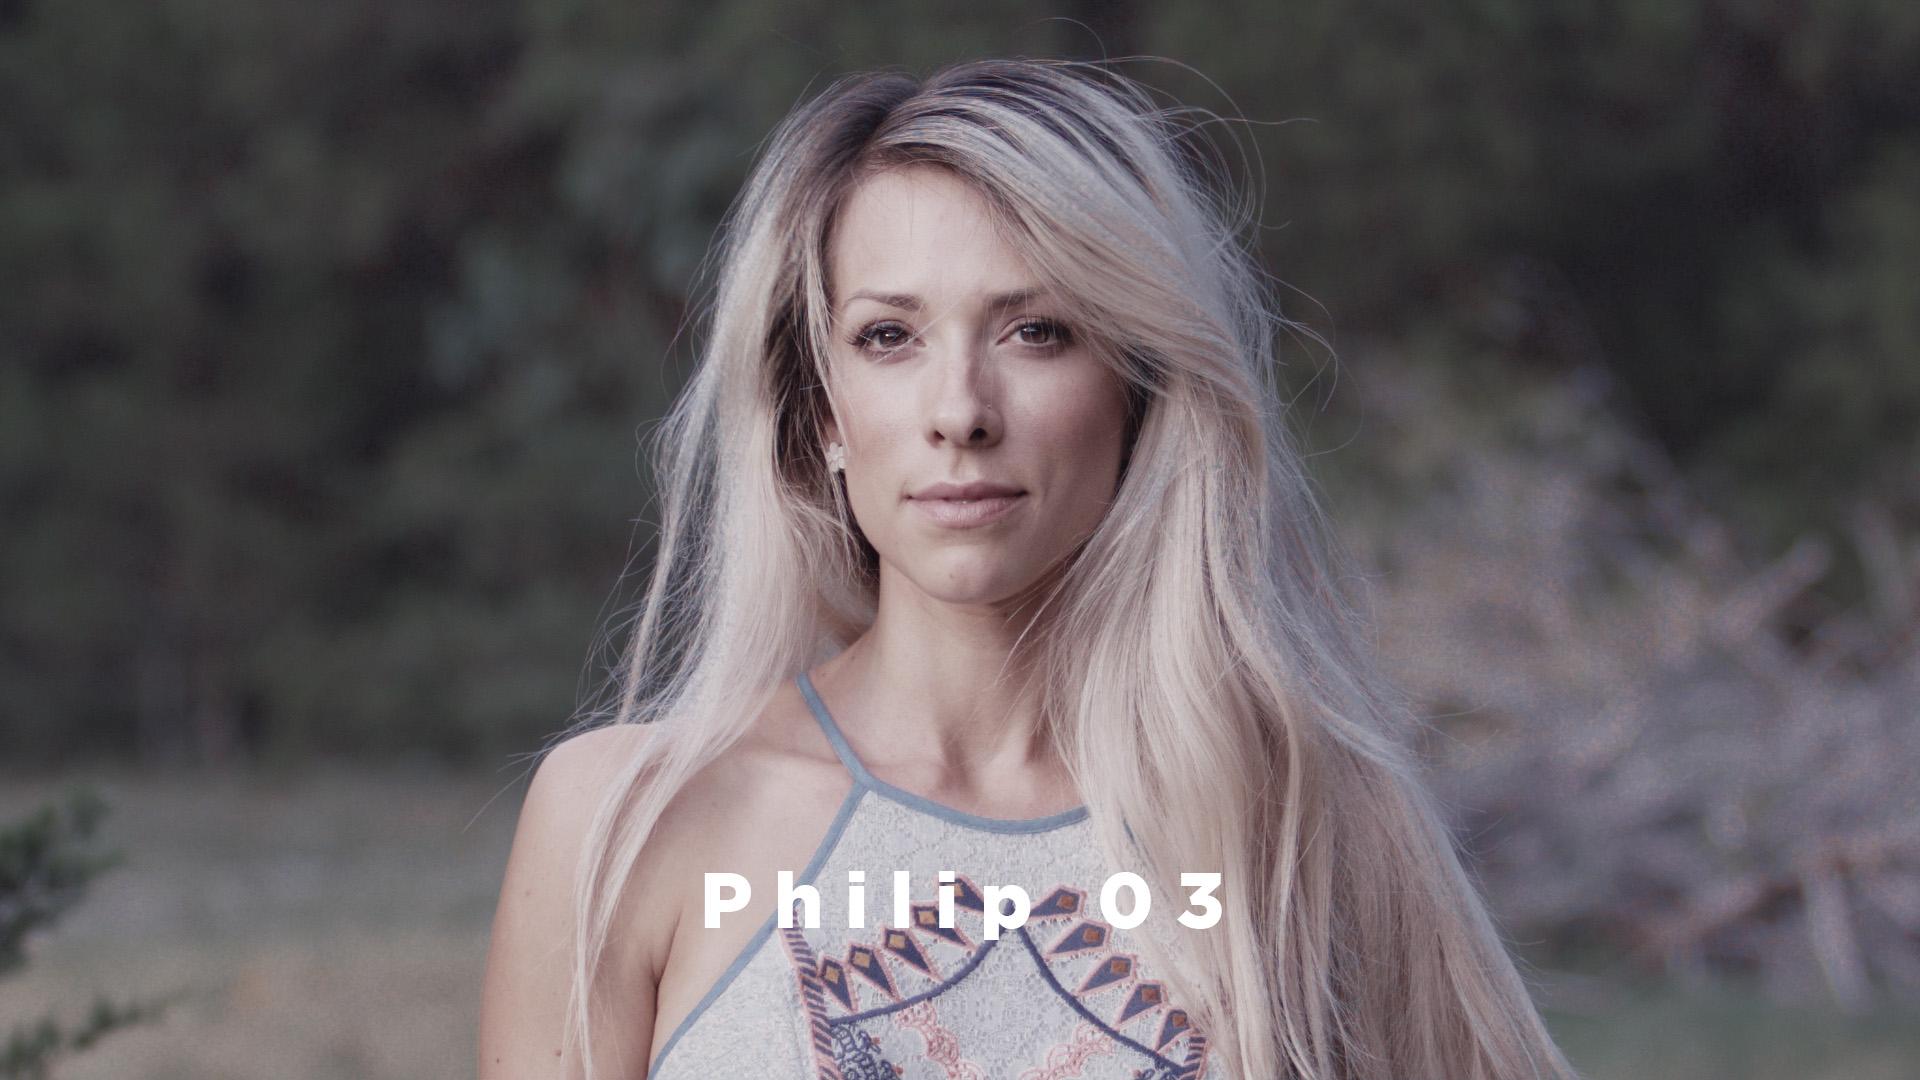 Philip 03.jpg